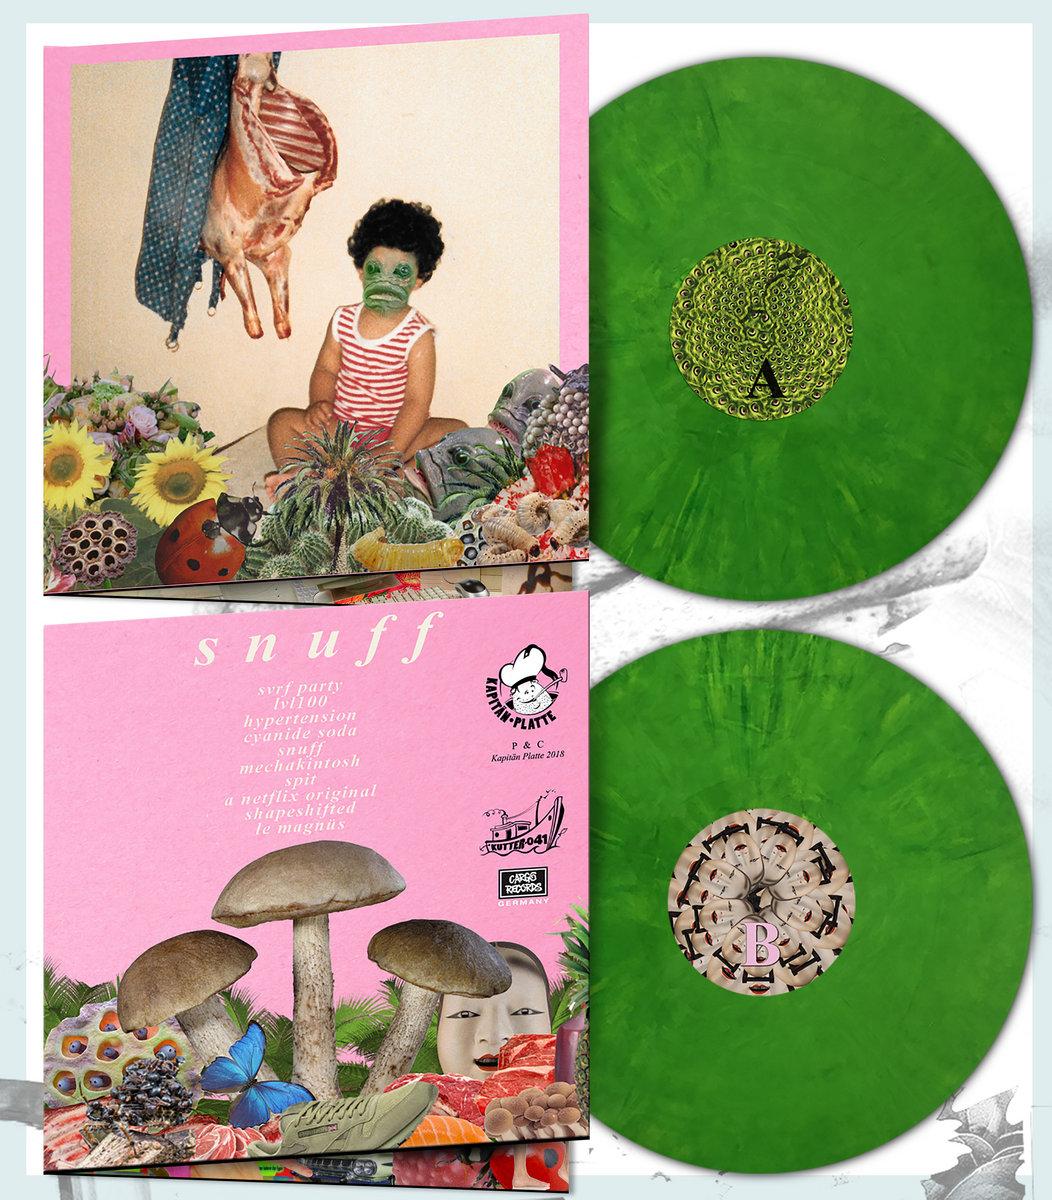 Snuff Green LP